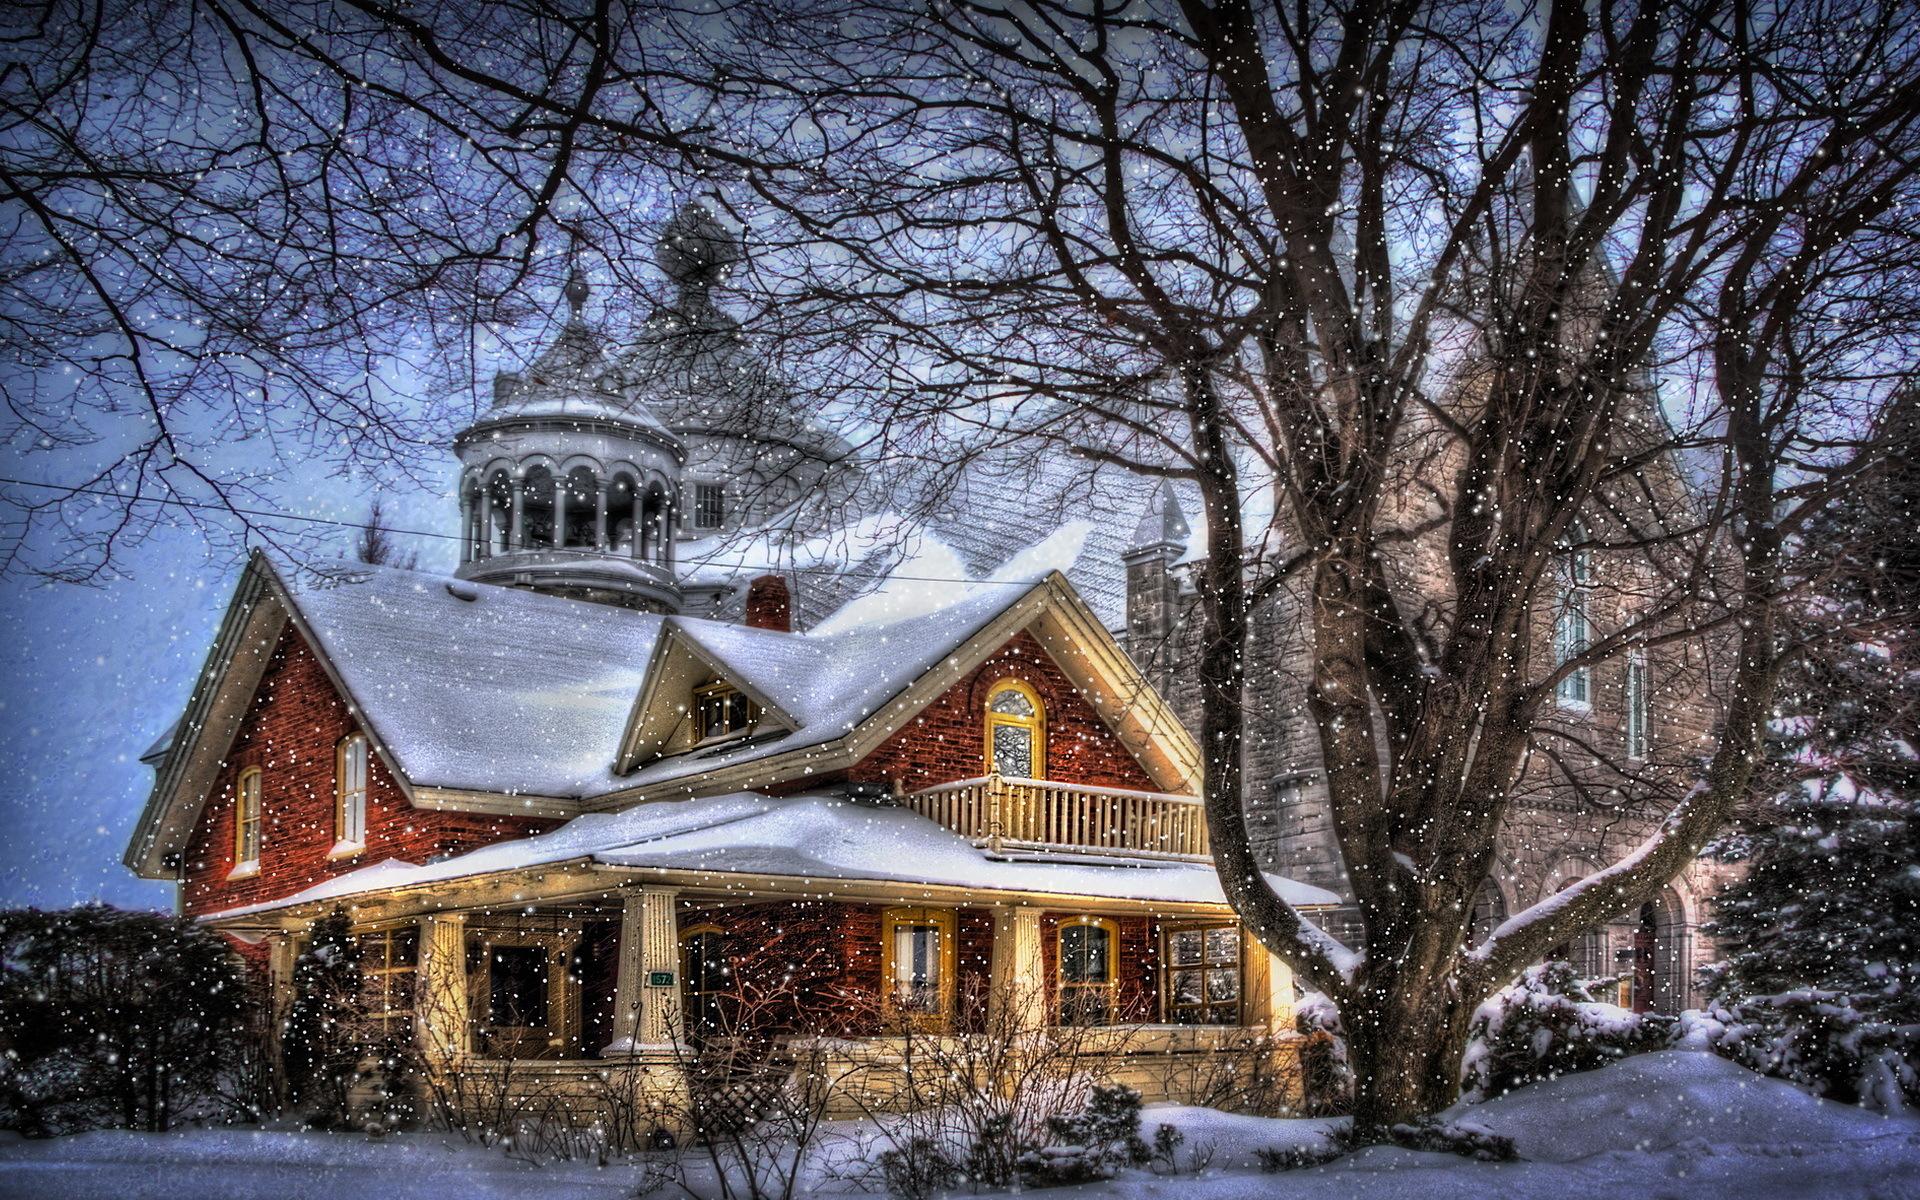 картинка домика в снегу крупный вид всех